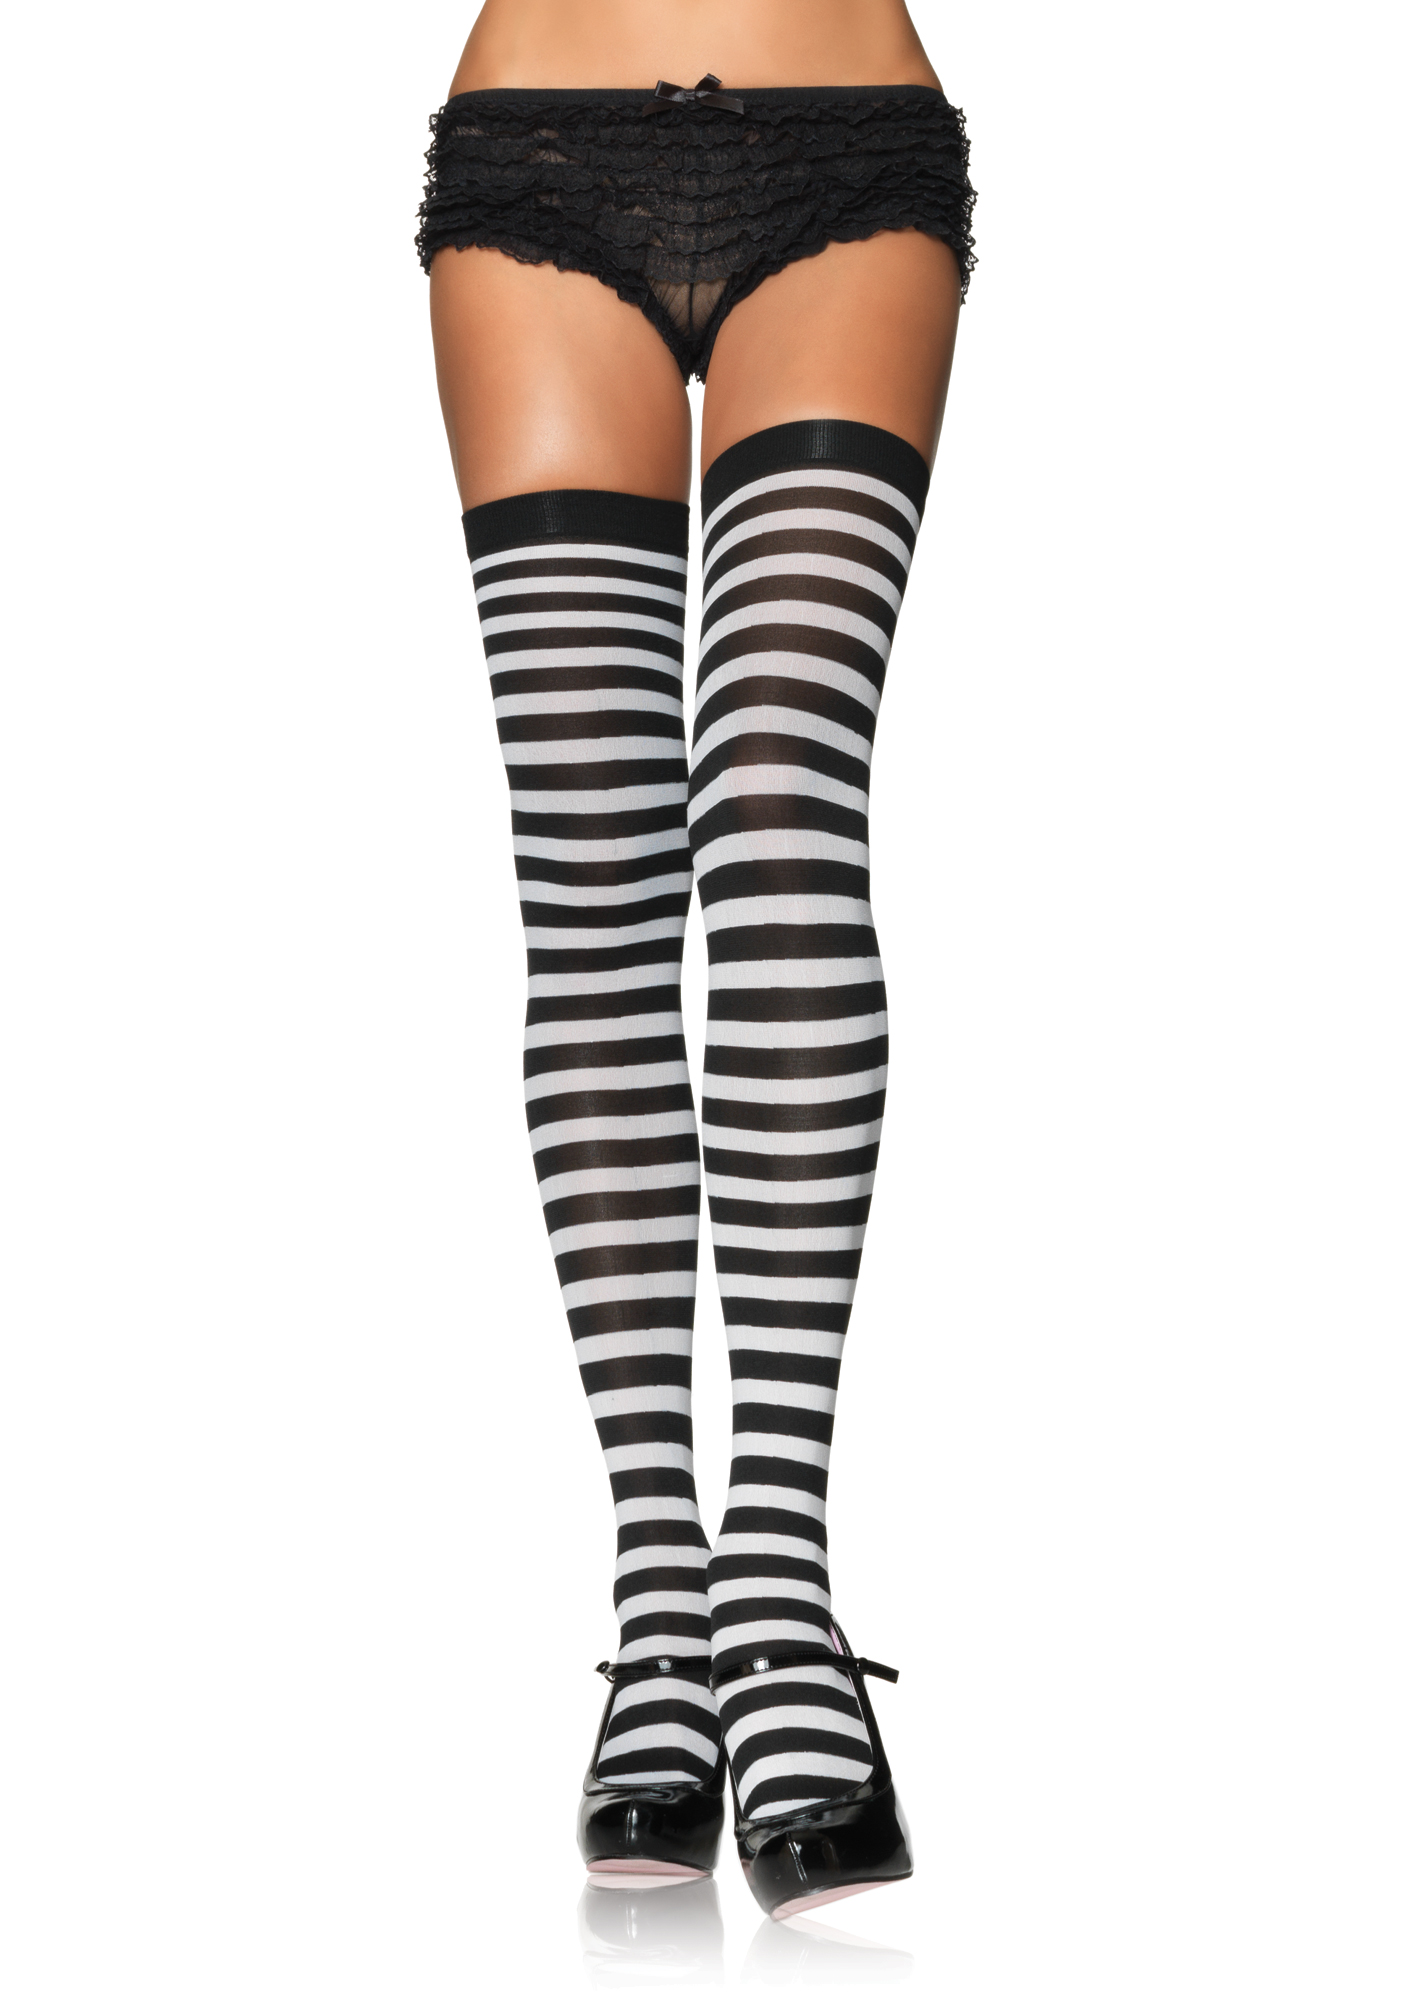 Black White Stripe Stockings Edmonton